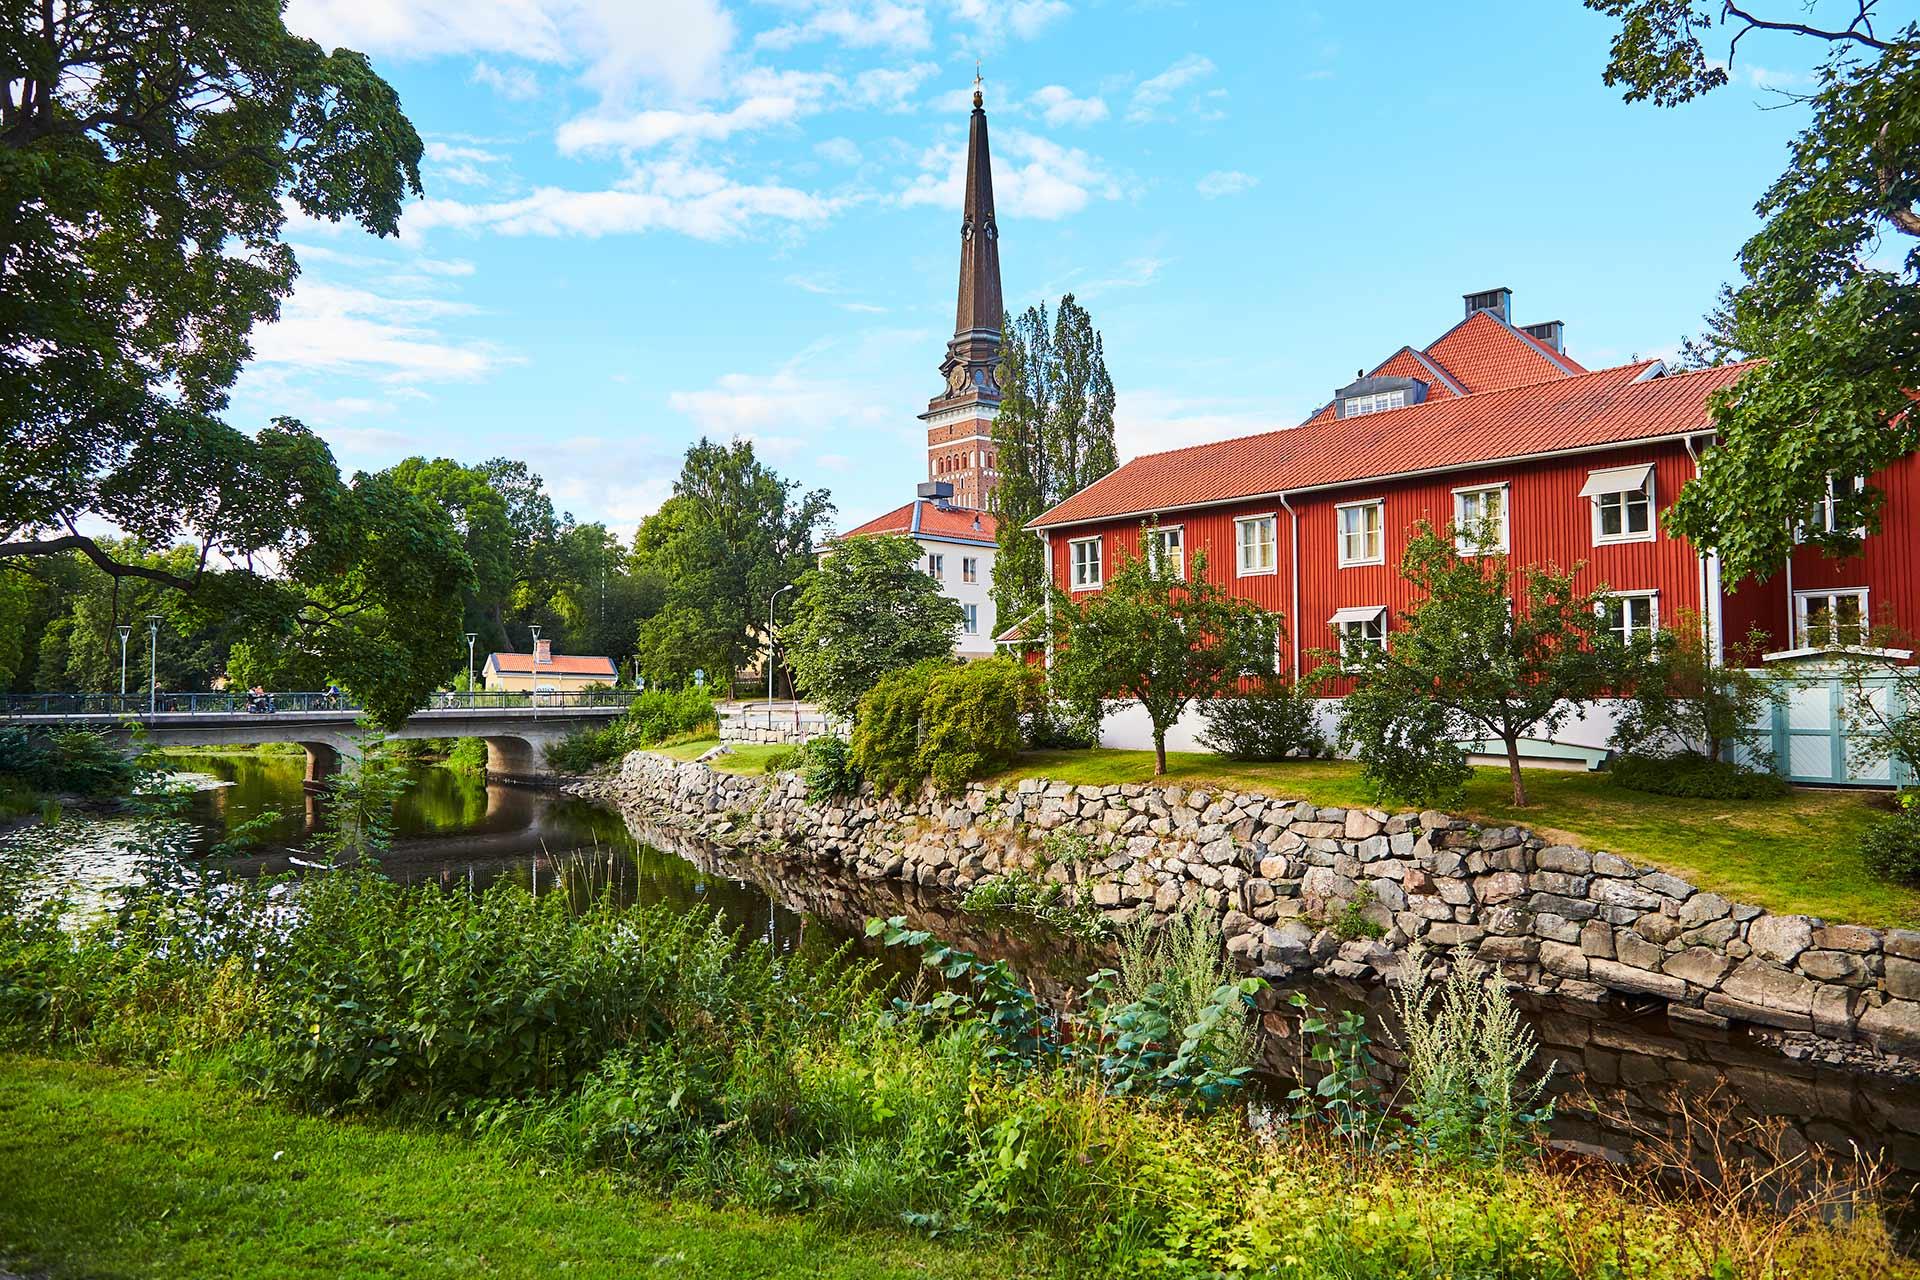 Svartån i Västerås. Fotograf: Pia Nordlander